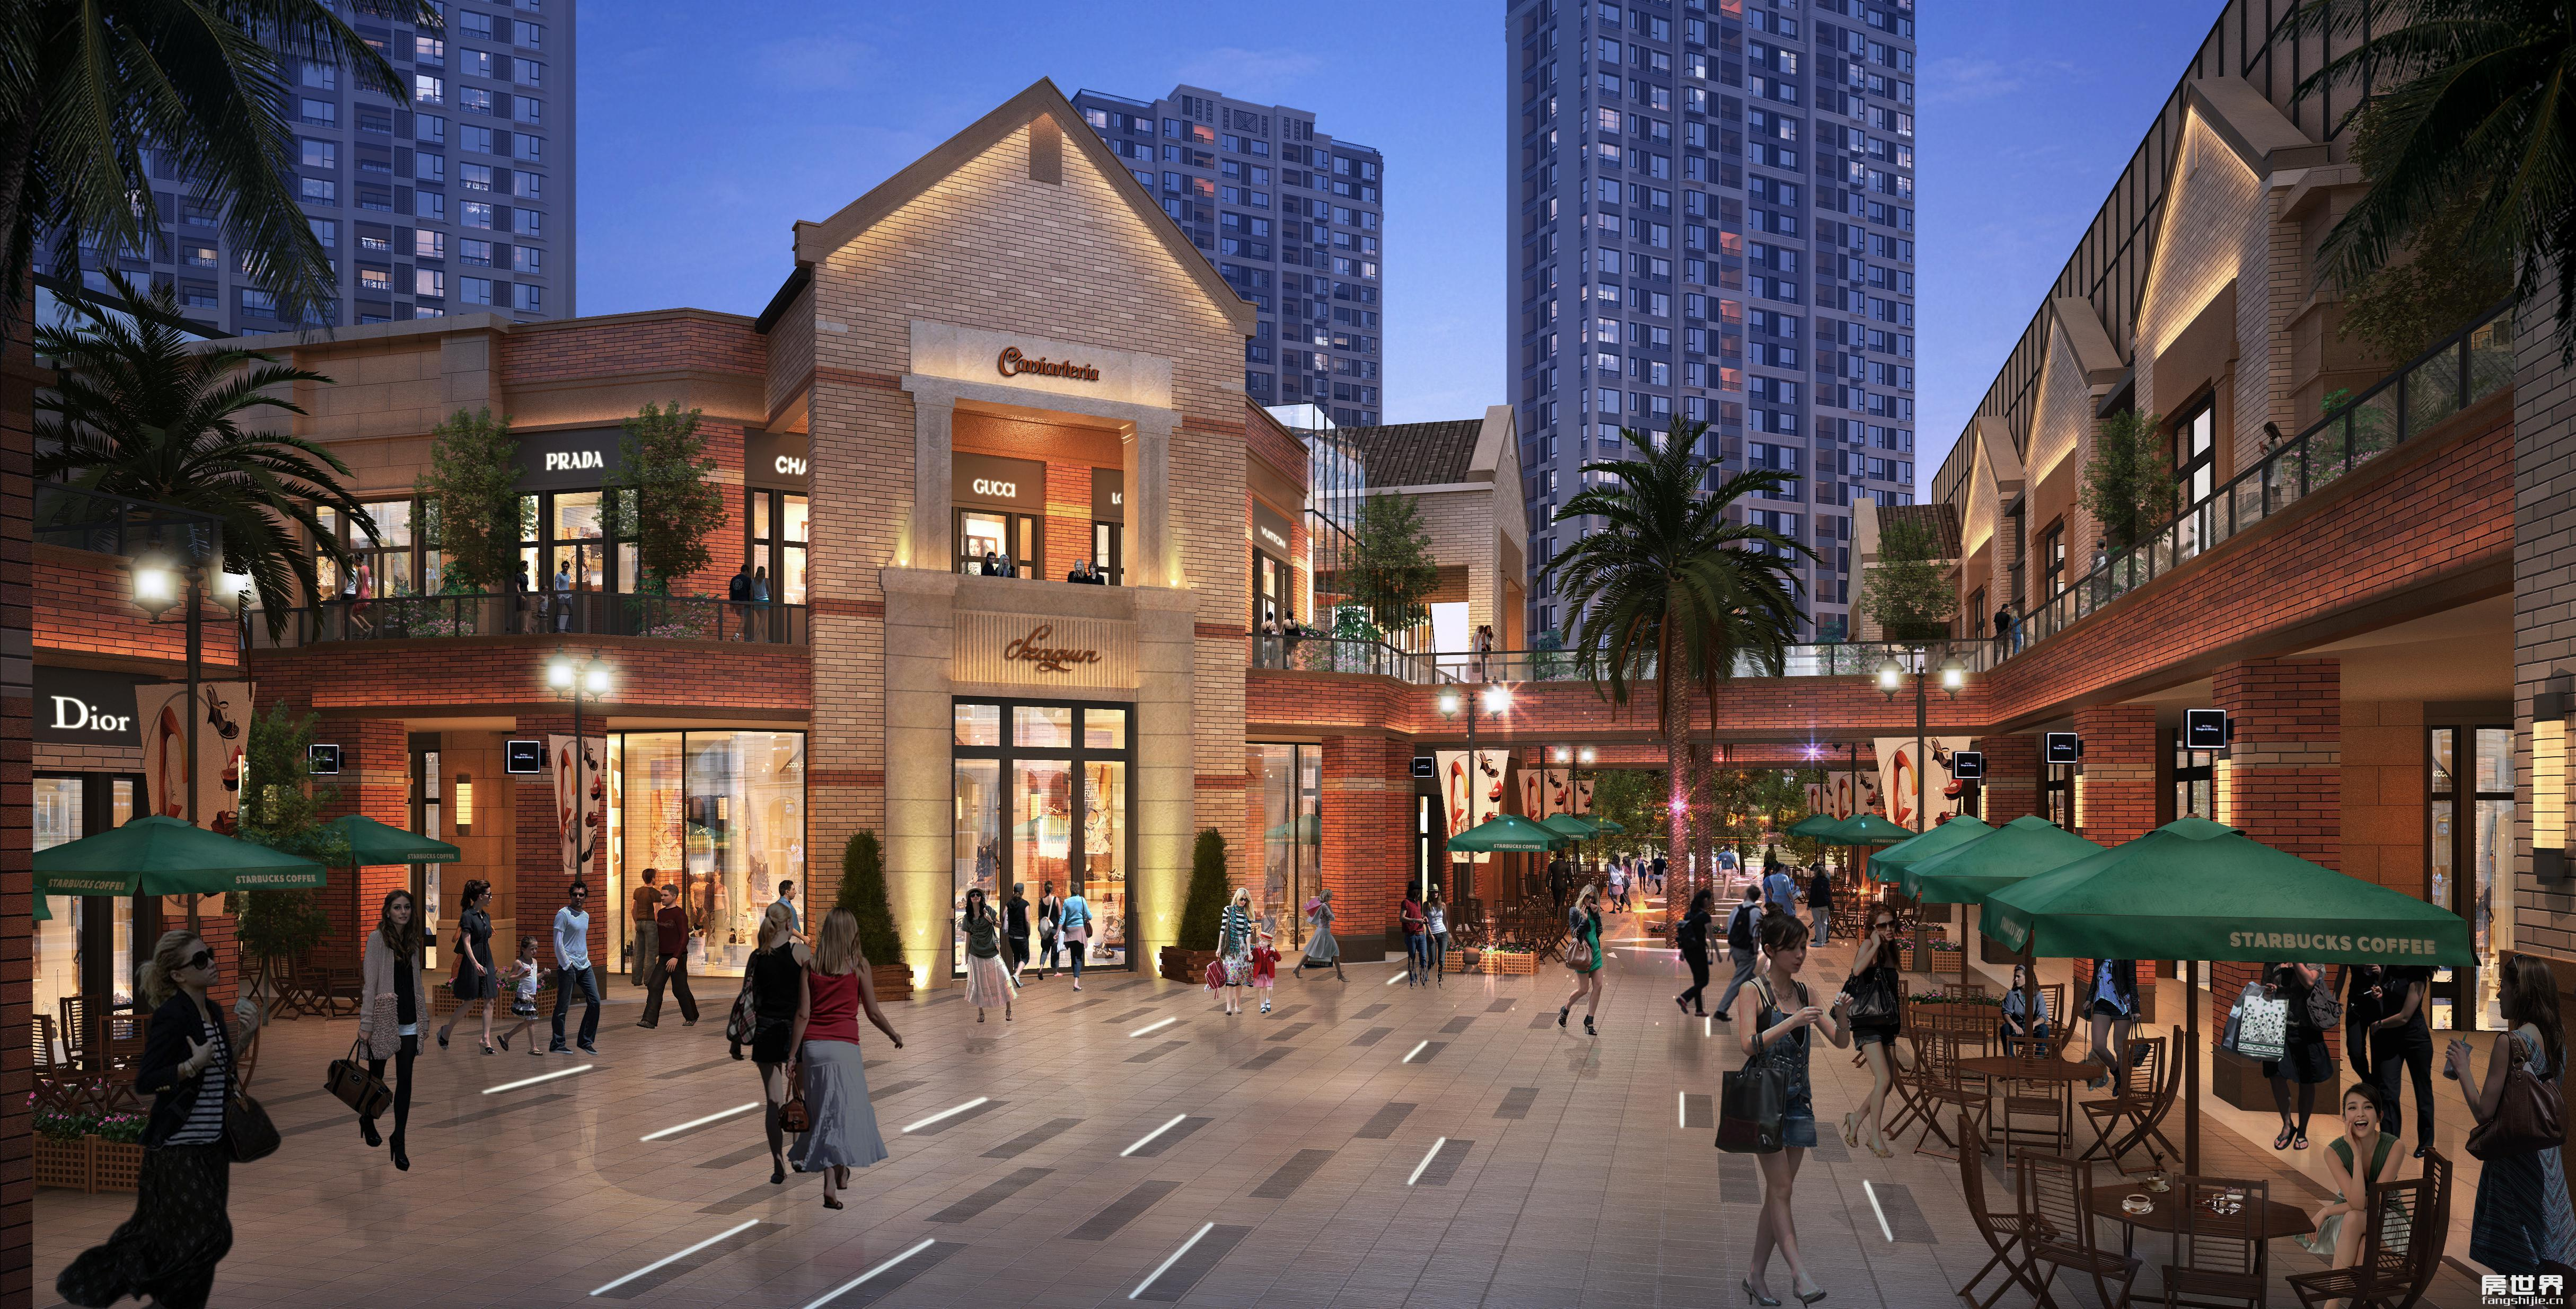 青红砖,清水墙,玻璃橱窗,这些以上海新天地为蓝本的设计元素,既传统又